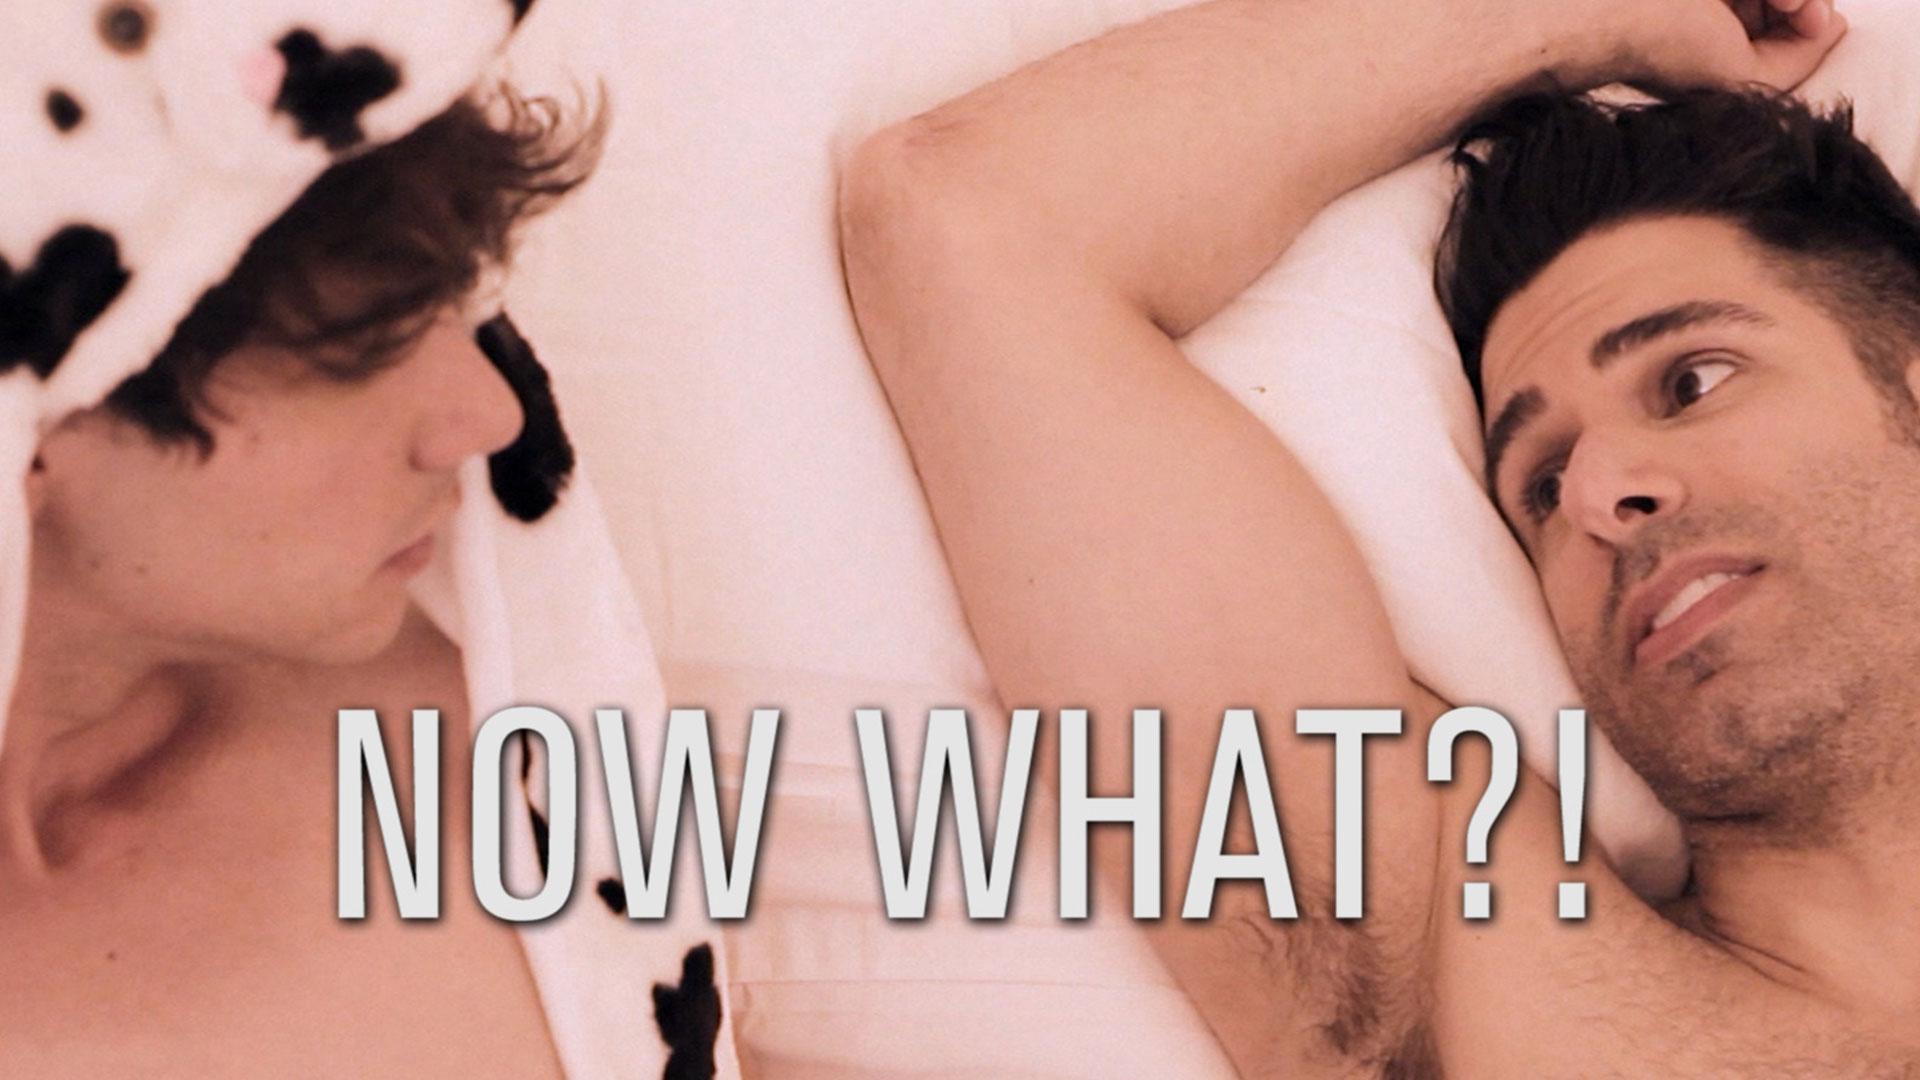 Now What?! - Season 1